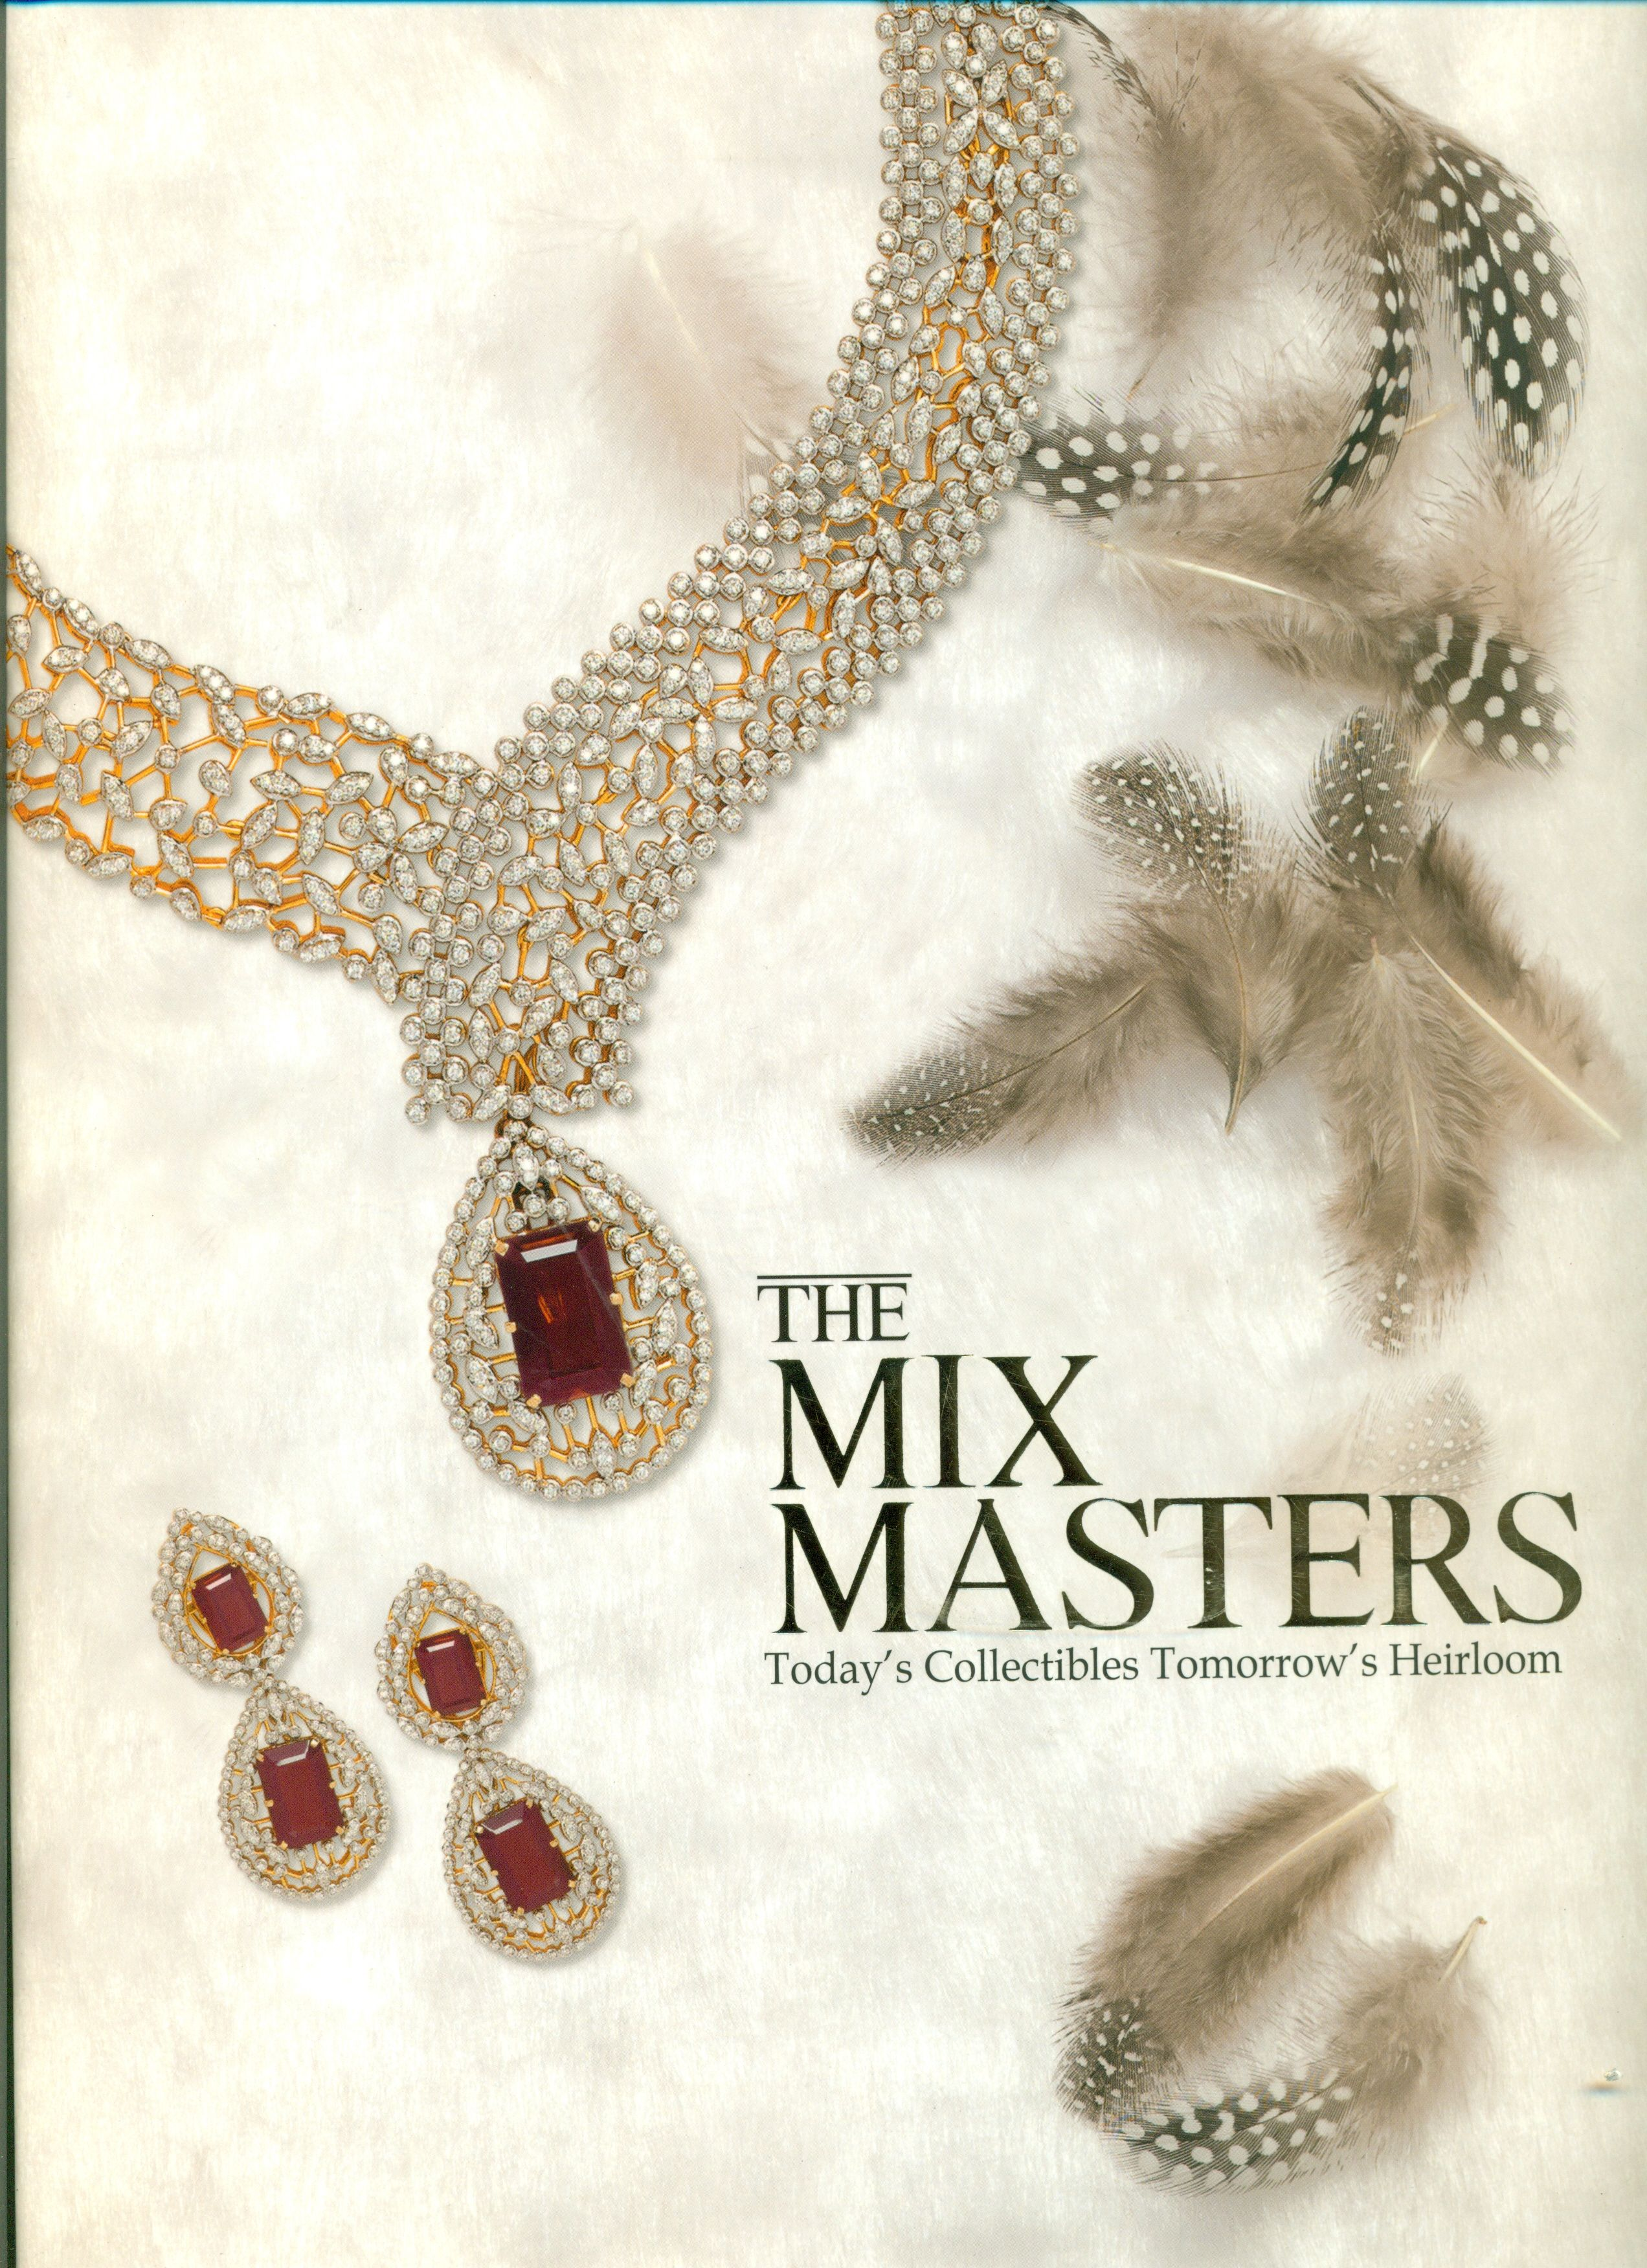 jewellerybooks jewellery design The mix masters jewellery